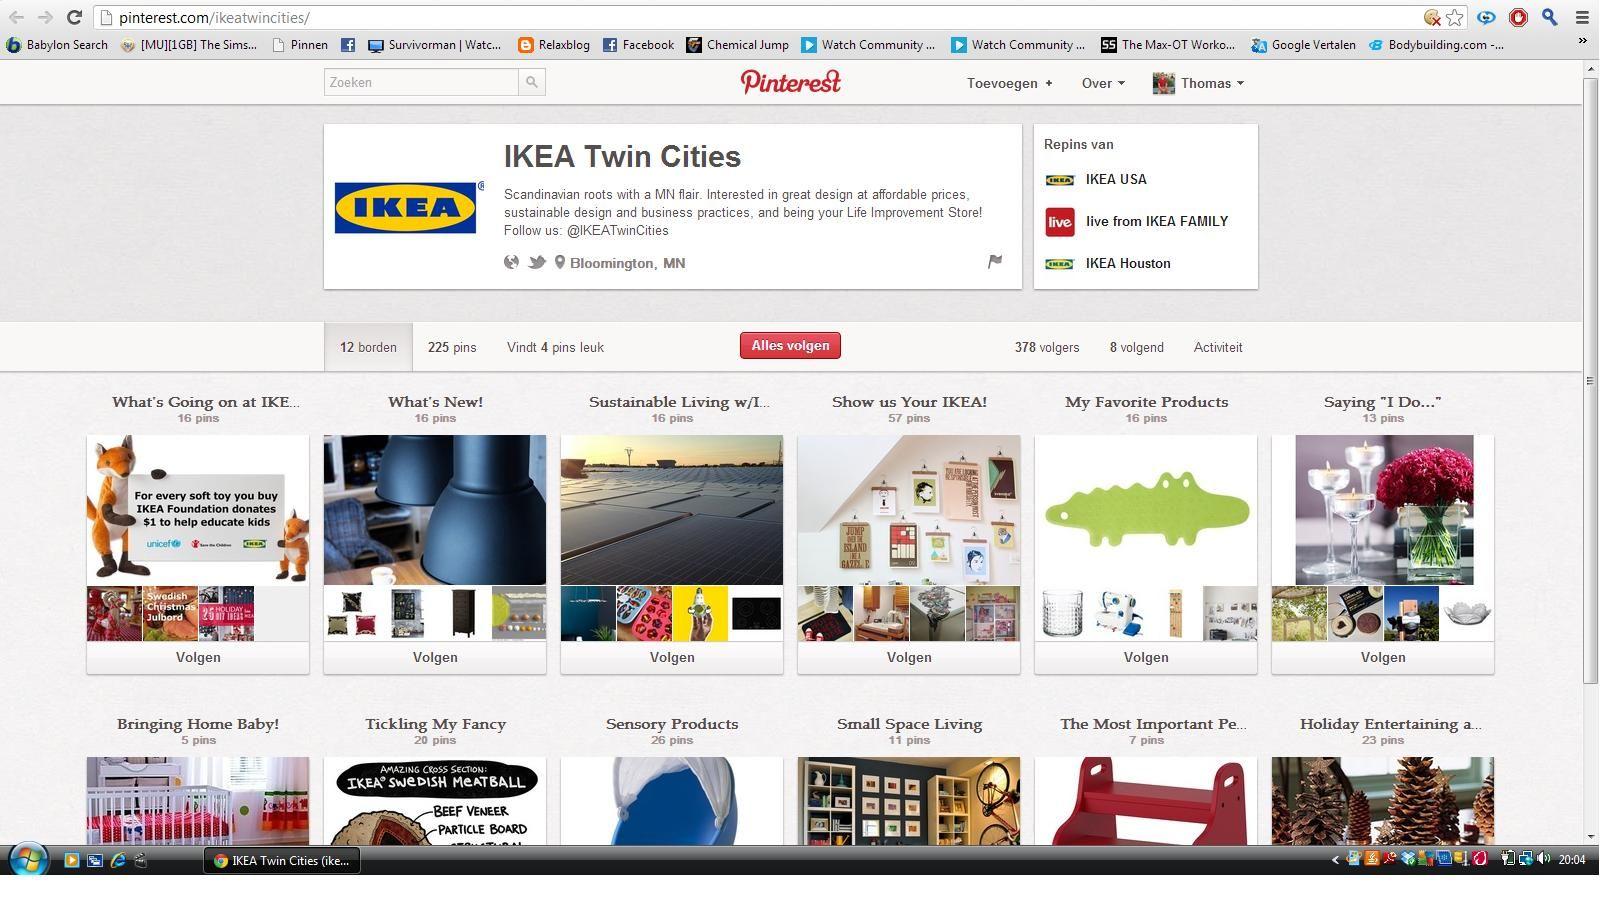 """Ikea maakt van Pinterest handig gebruik om hun producten aan te bieden. Producten die op de site zijn opgenomen worden altijd gepint en komen zo op Pinterest terecht. Ook bepaalde acties worden hier meegedeeld. Zeker tijdens de feestdagen zullen nog veel acties gepint worden in de """"What's going on at IKEA"""" - map"""